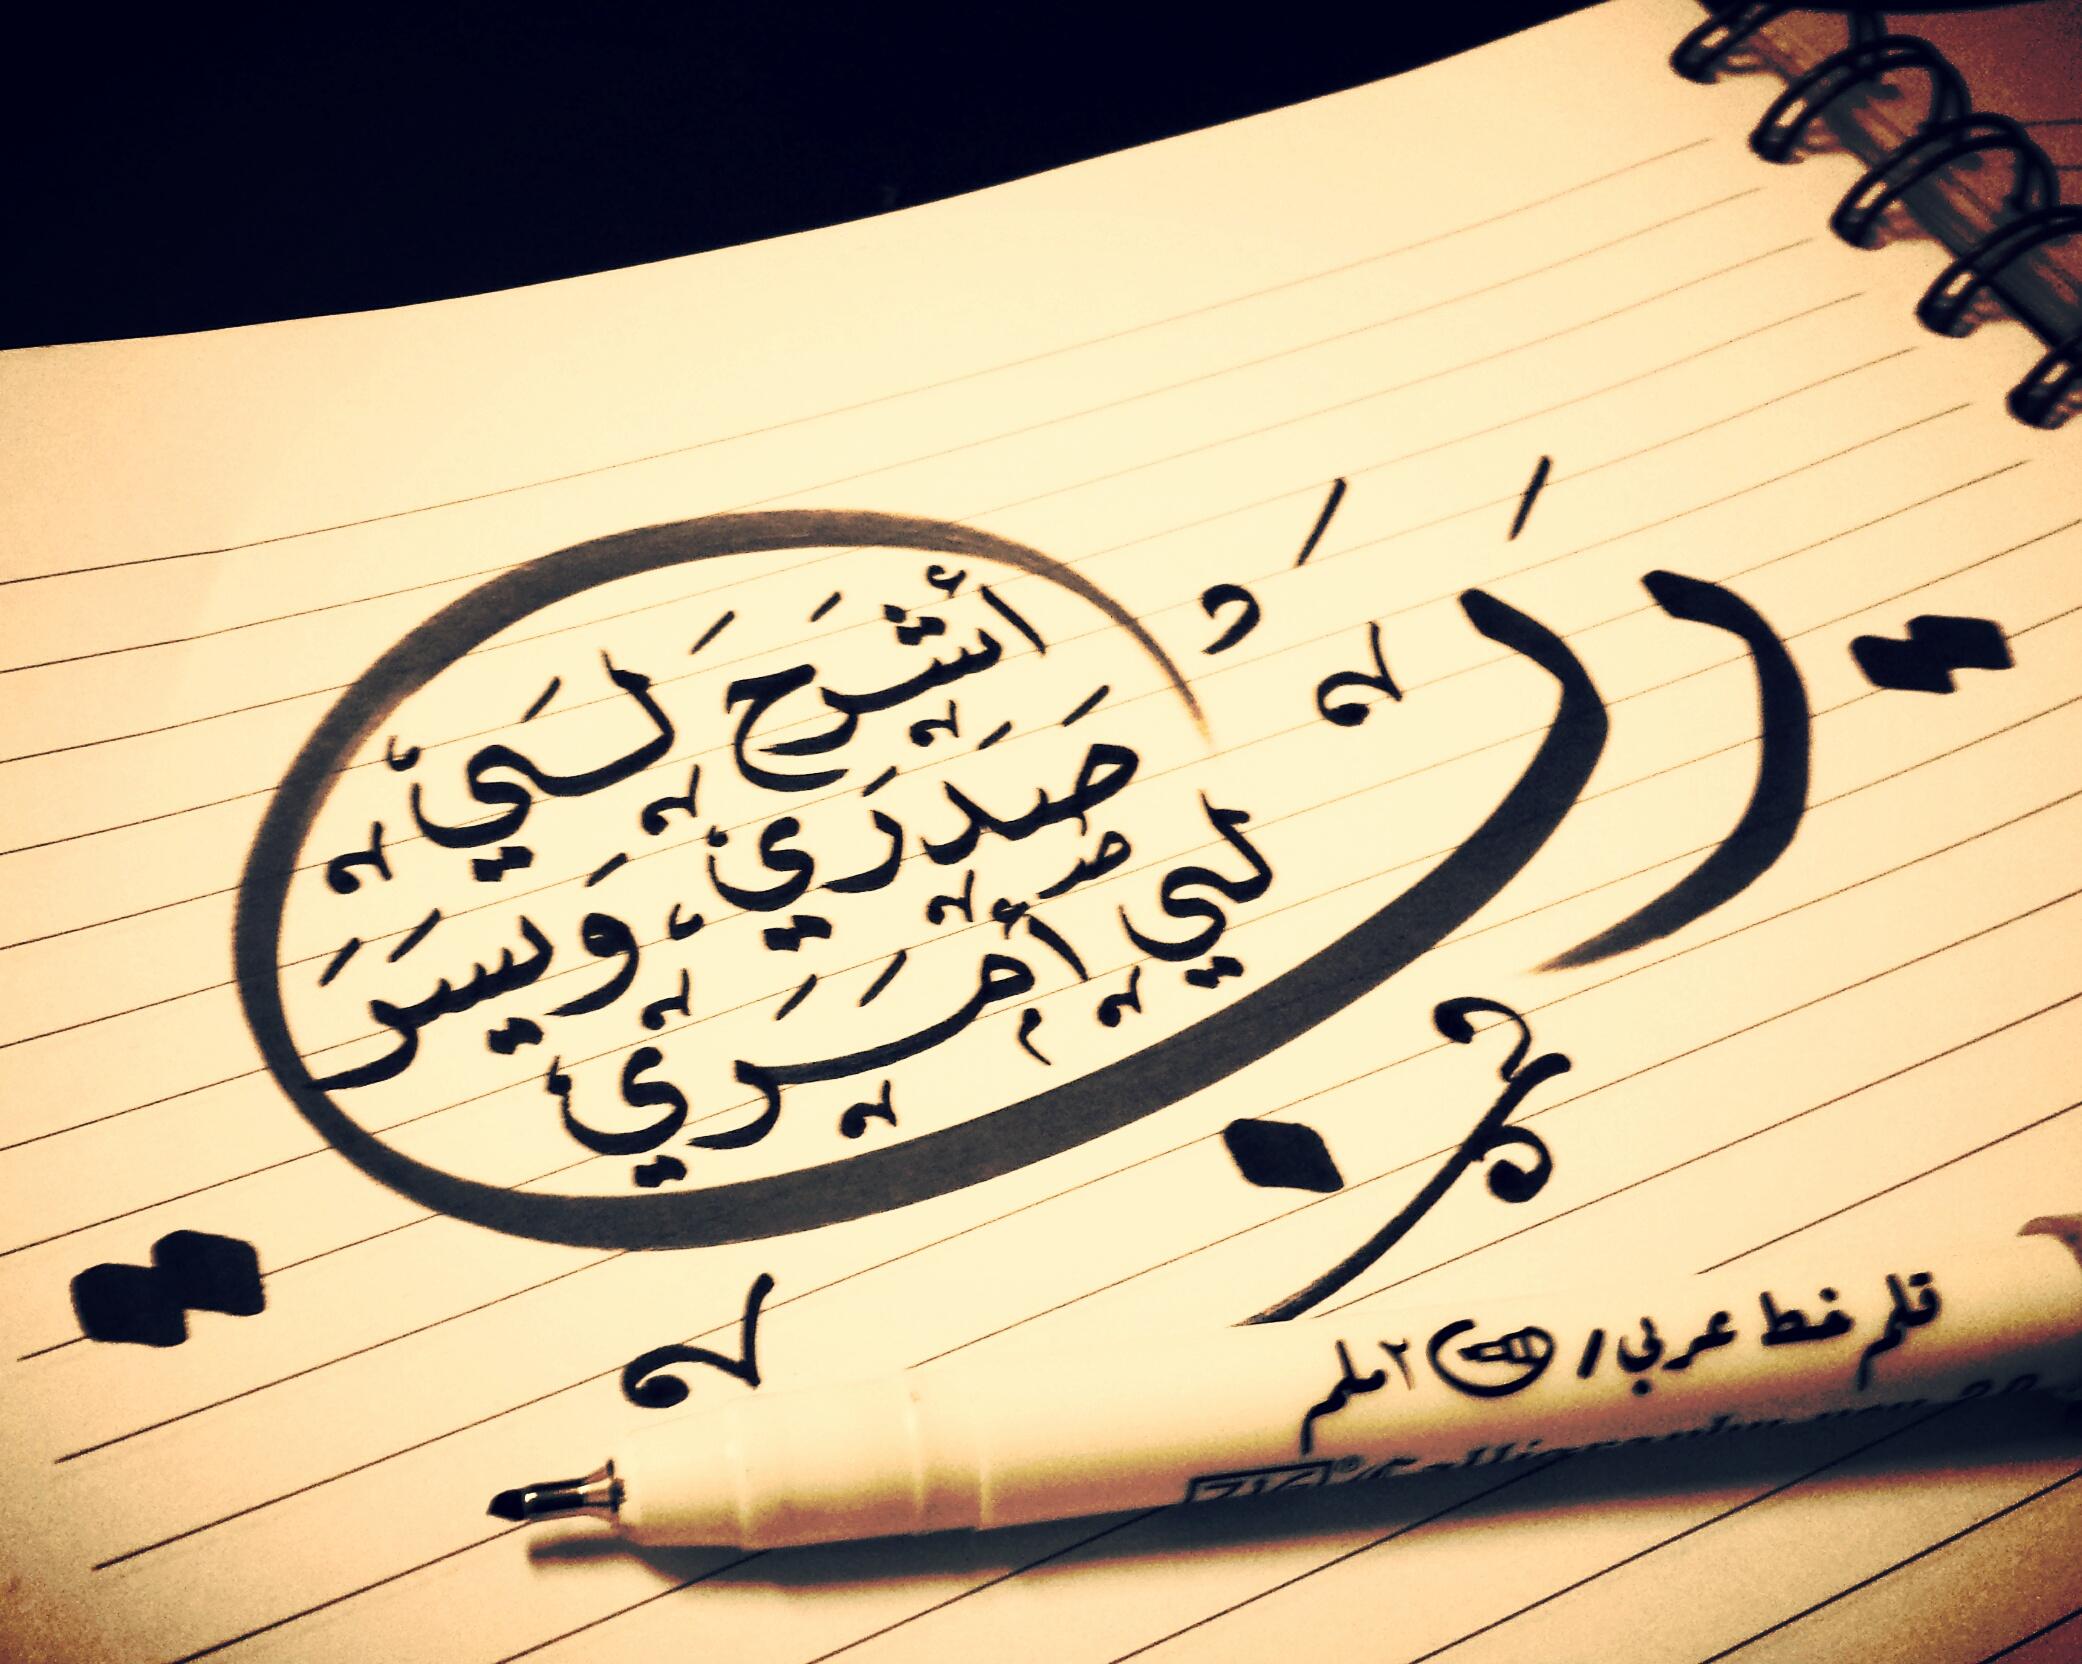 صور مسجات تصبحون على خير اسلامية , اجمل مسجات للصباح